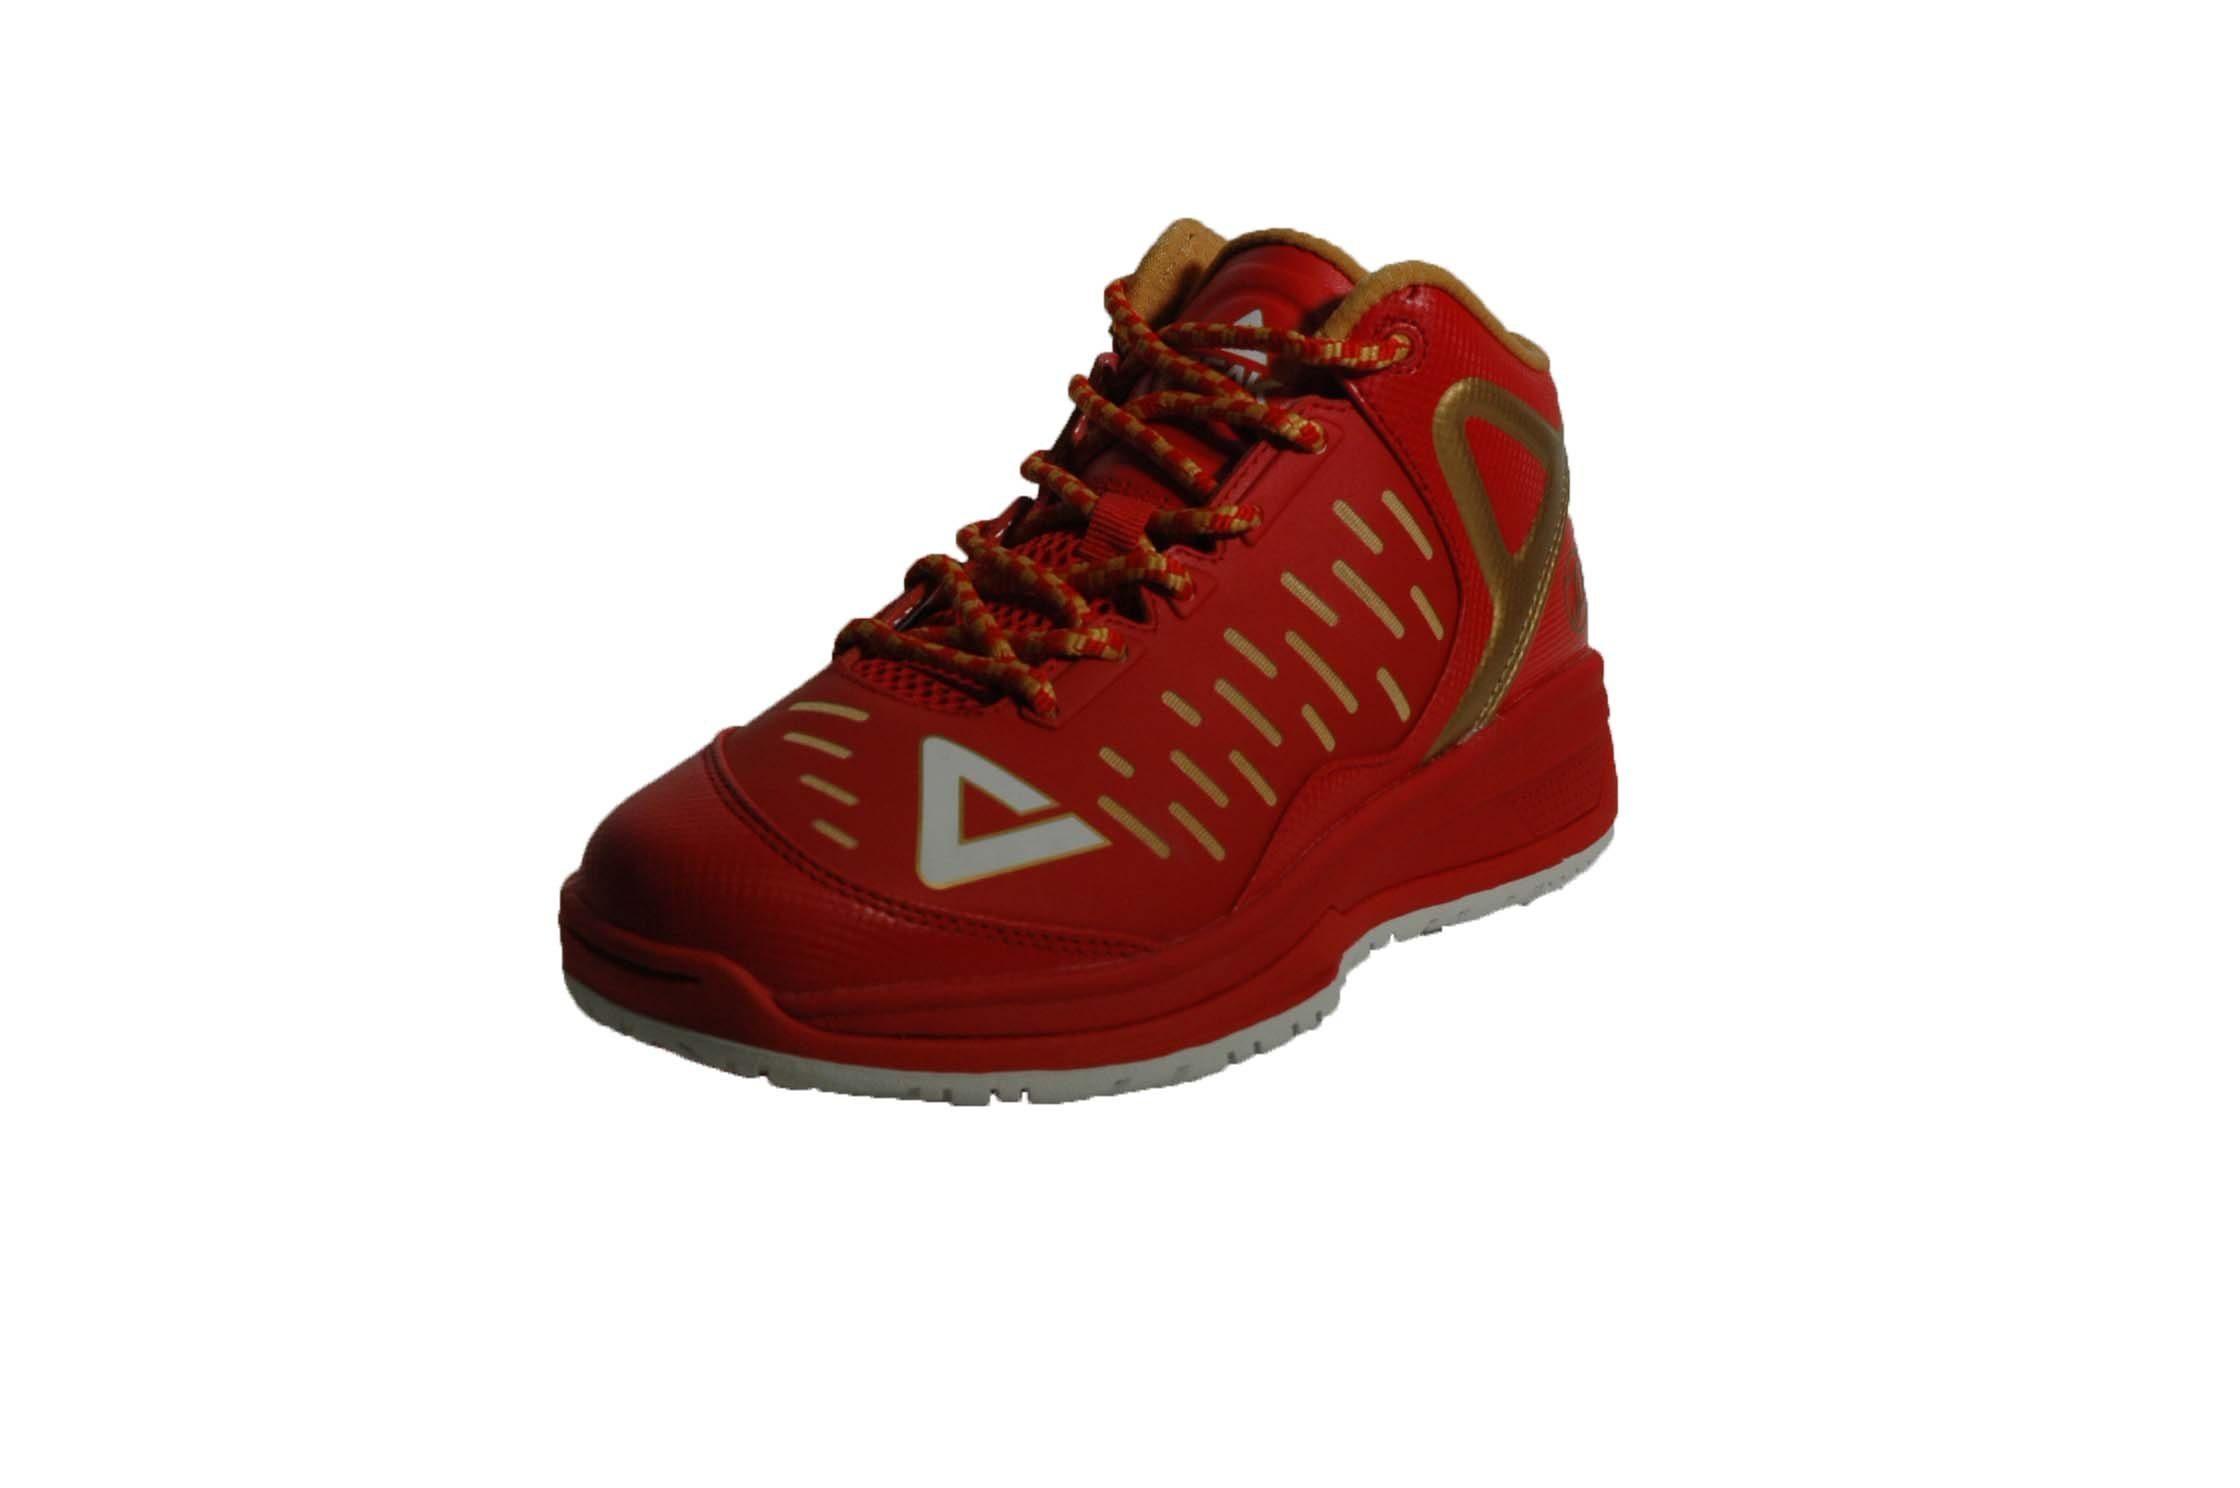 PEAK Basketballschuhe online kaufen  red